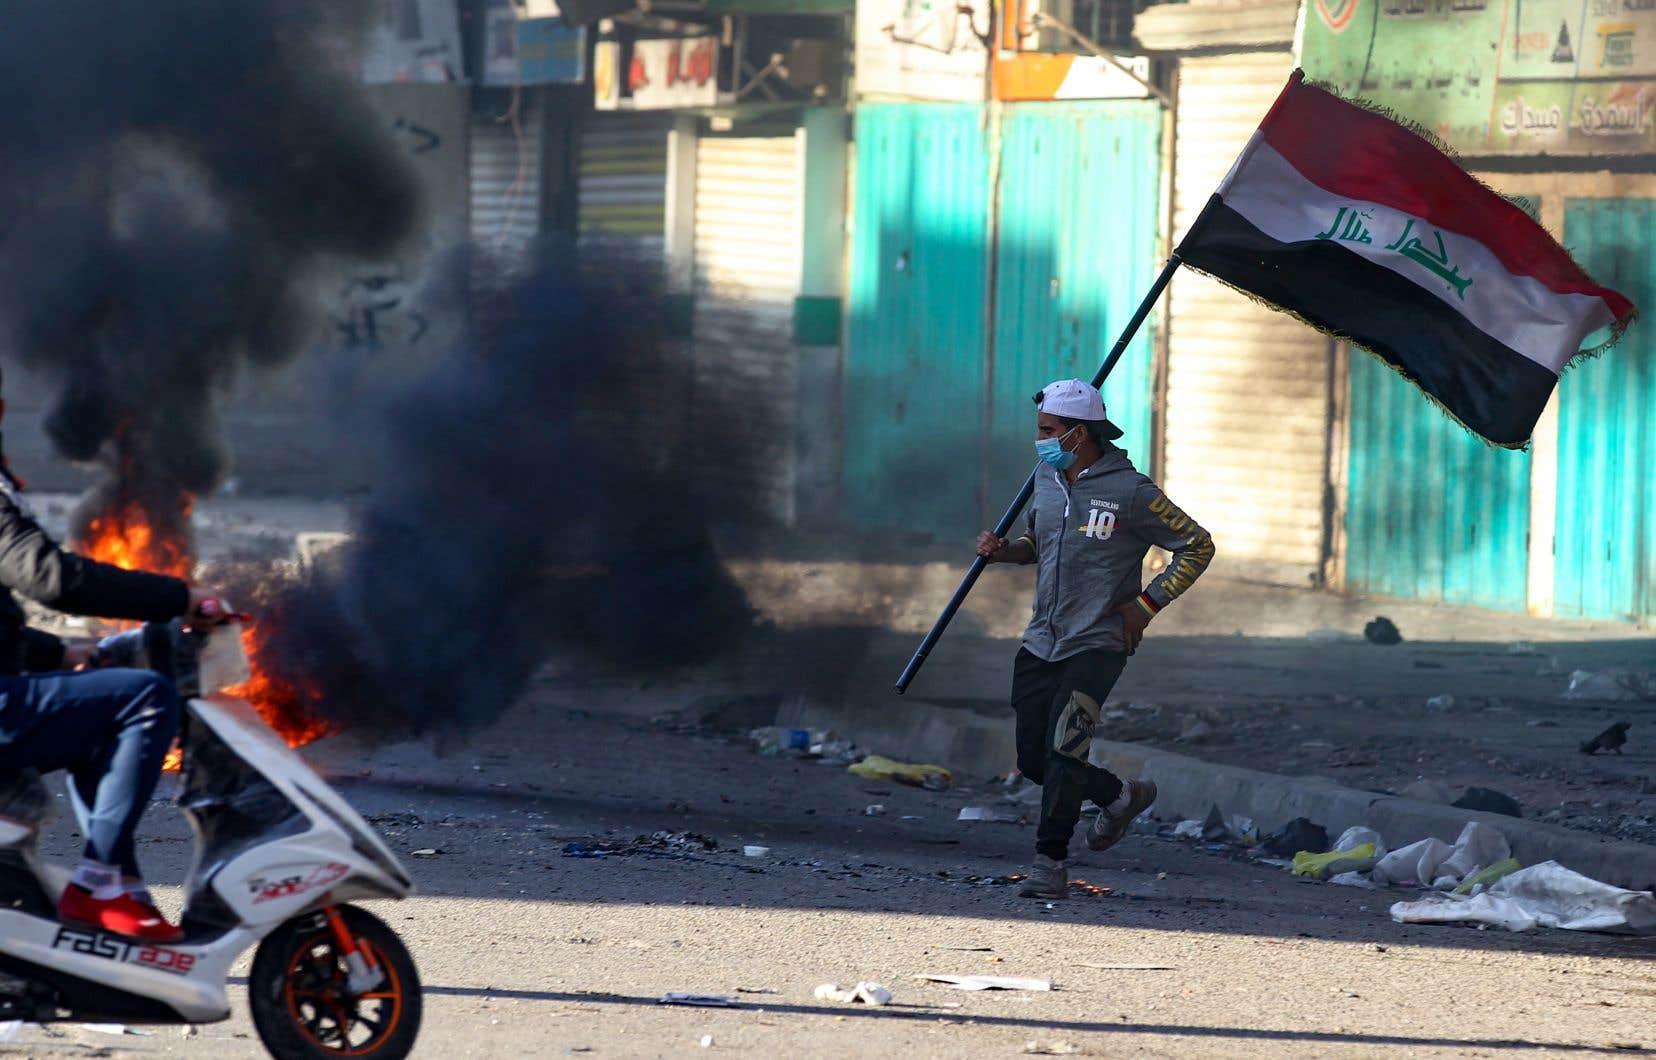 Depuis le 1eroctobre, l'Irak est plongé dans la crise politique la plus grave de son histoire récente.